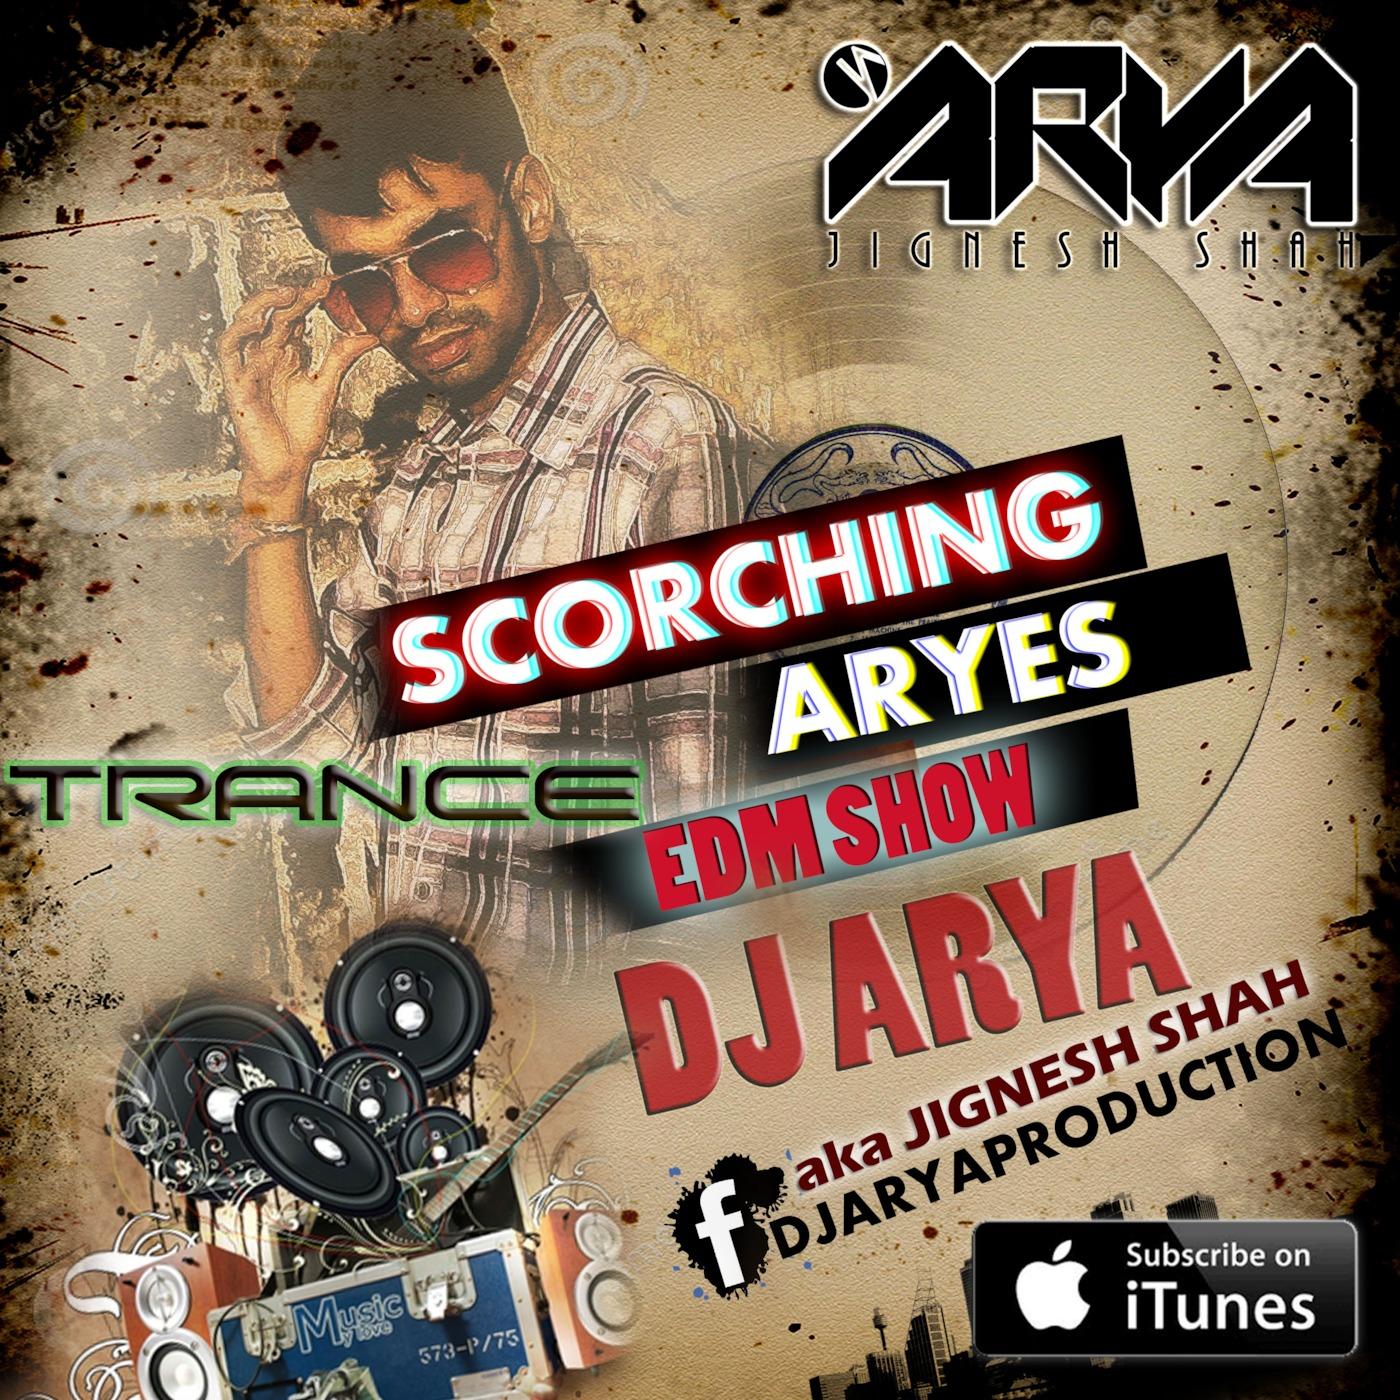 SCORCHING ARYes - (EDM SHOW)